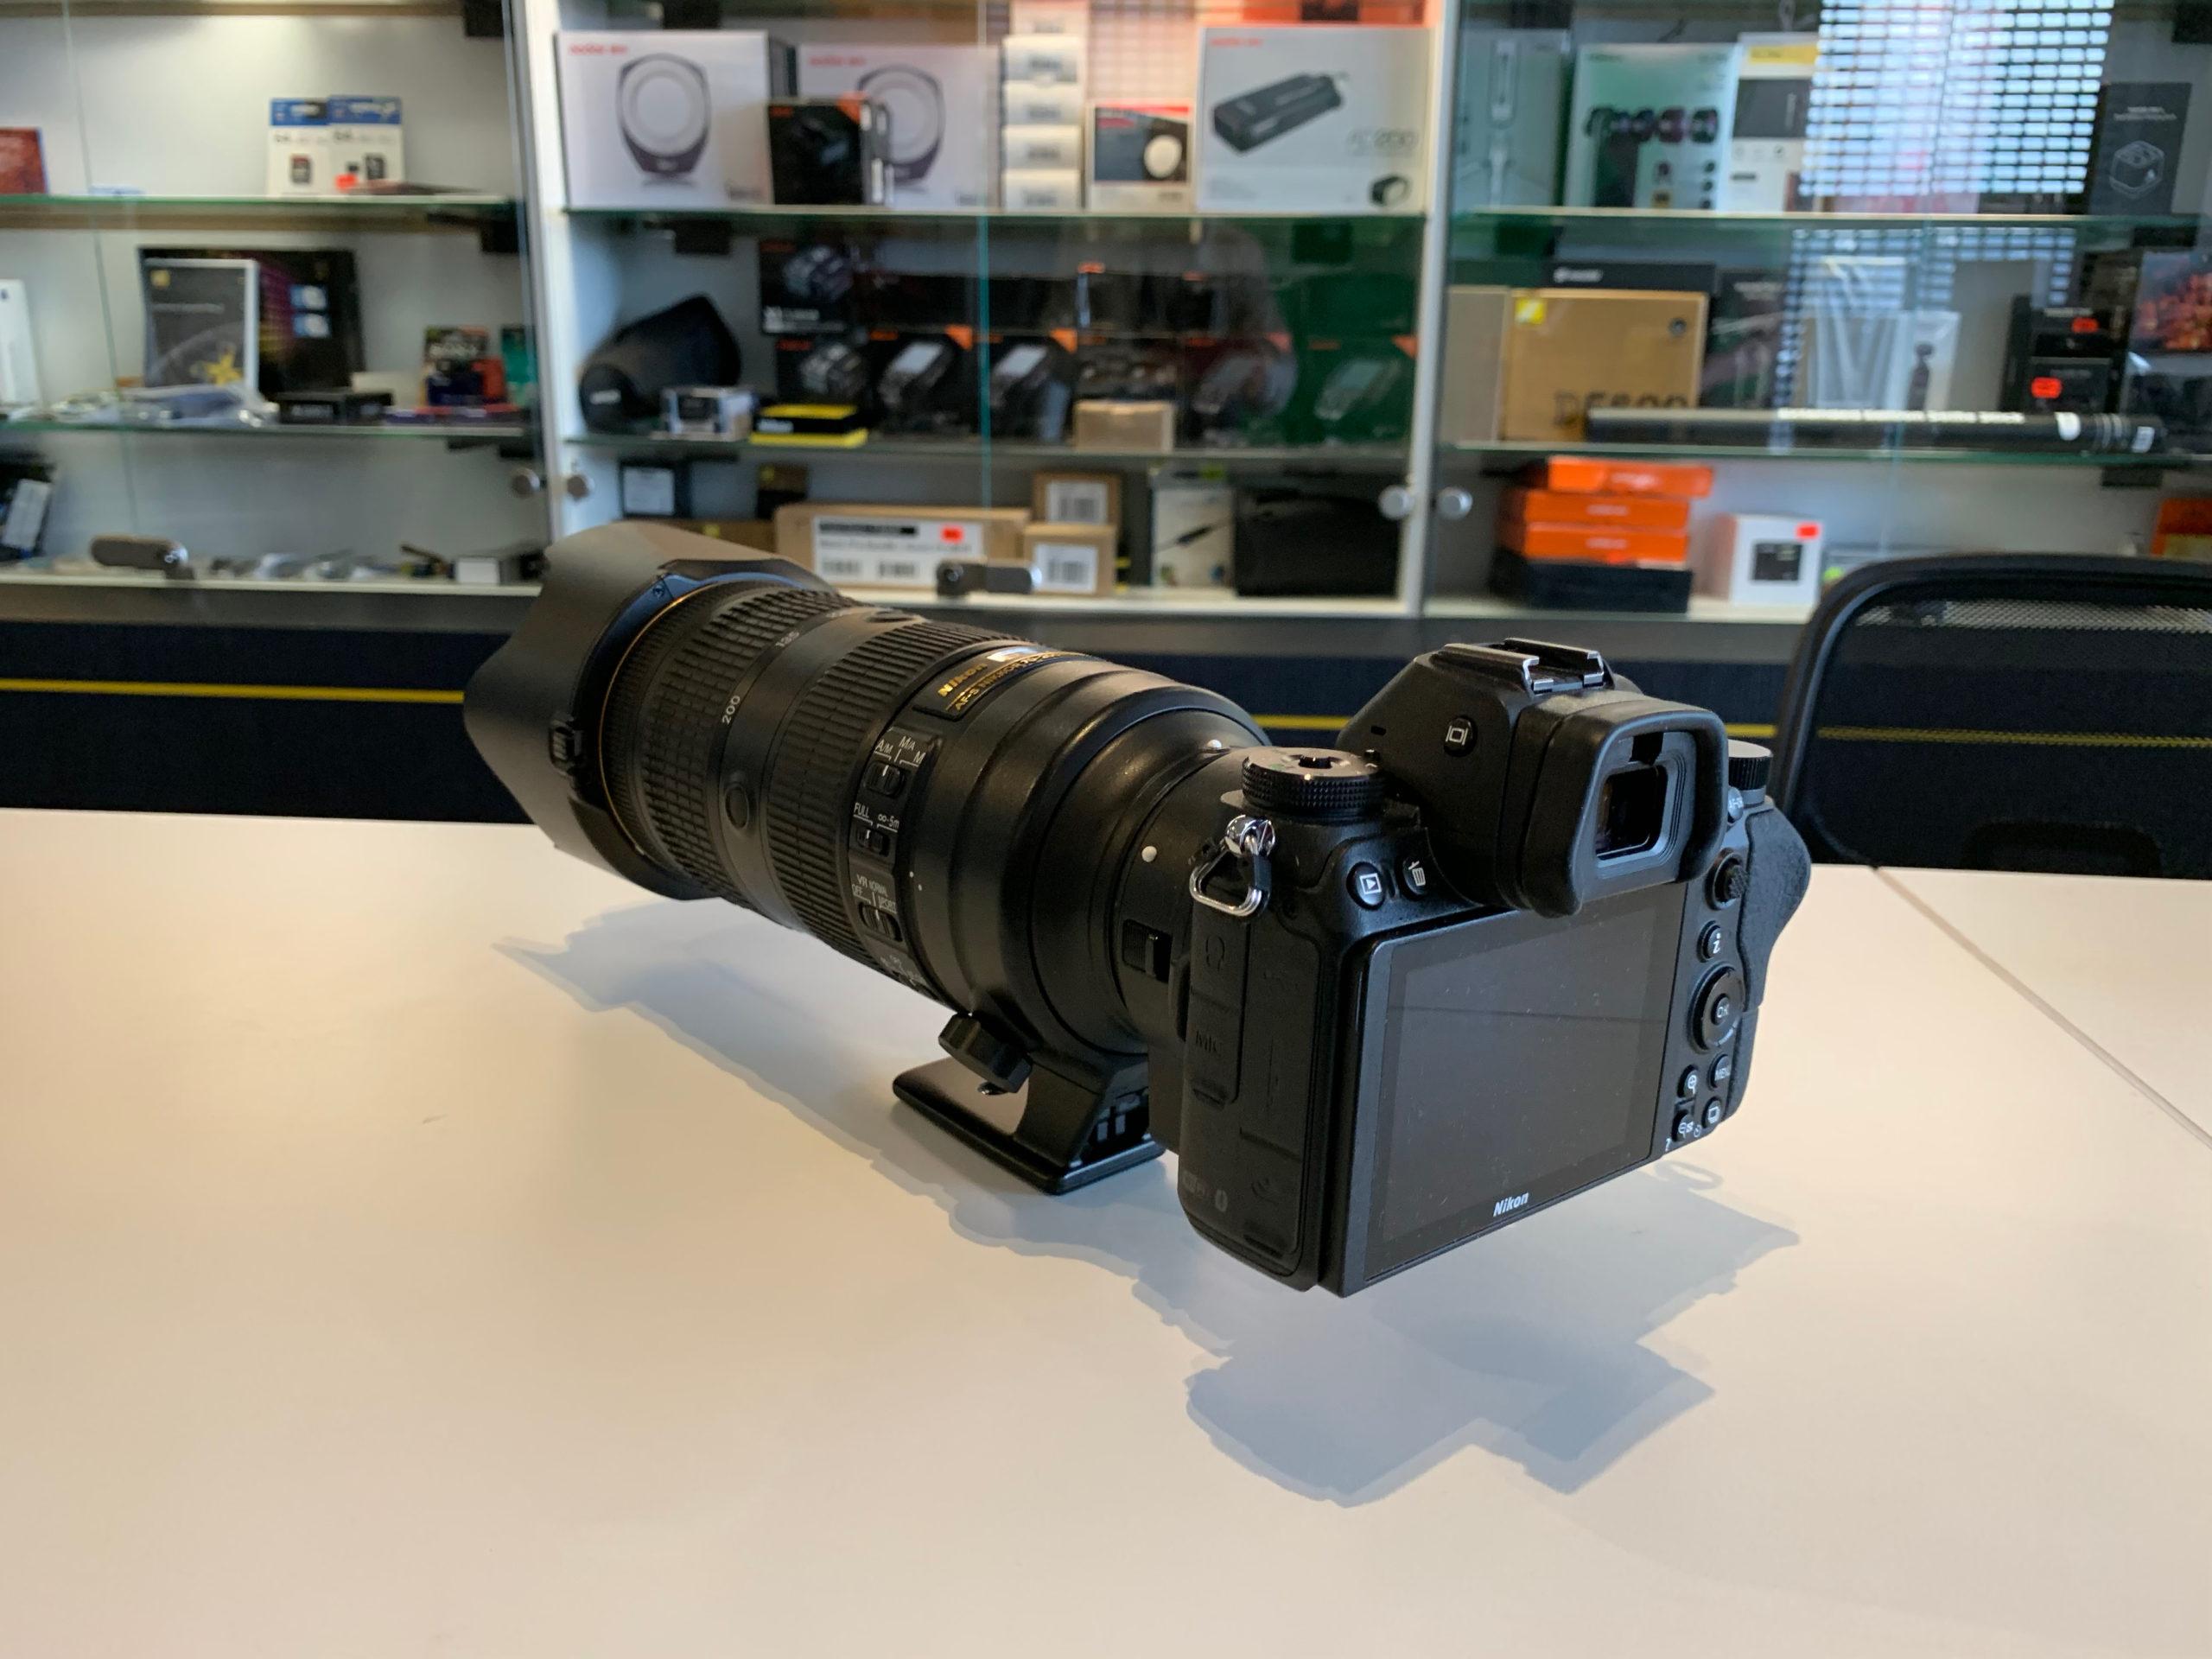 Nikon Z6 rear view